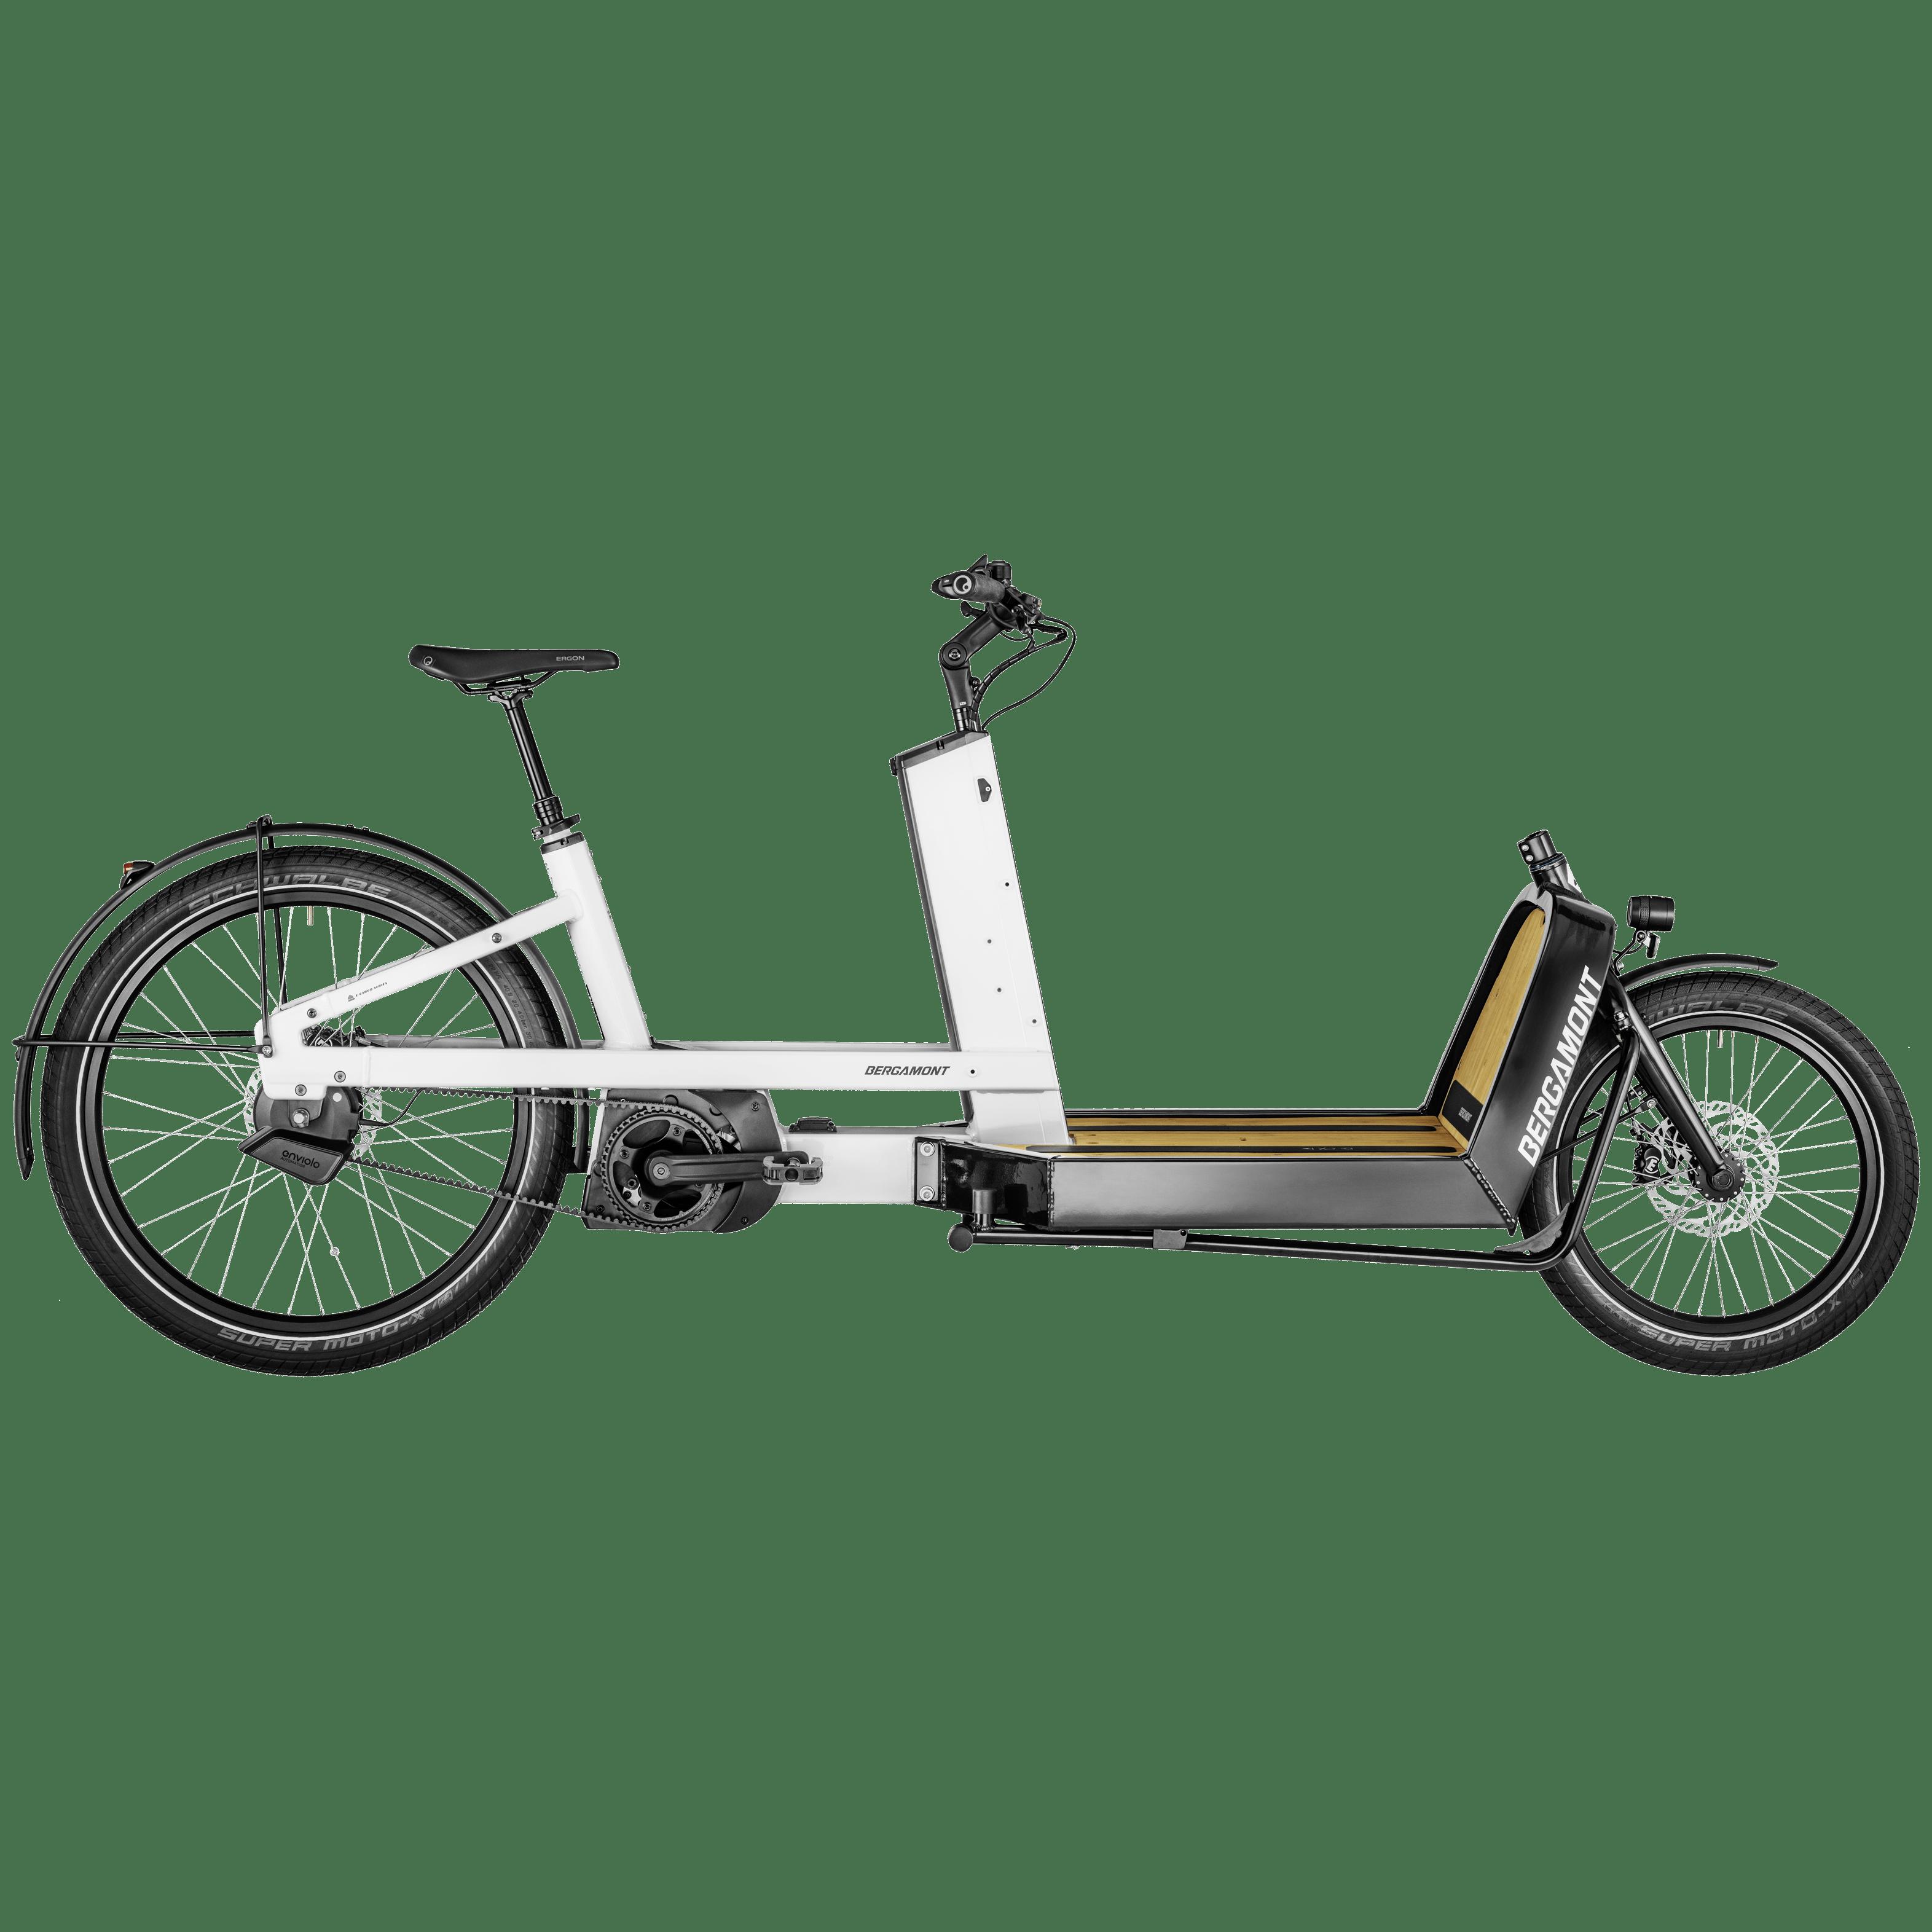 Esprit vélo BERGAMONT E-CARGOVILLE LJ ELITE B